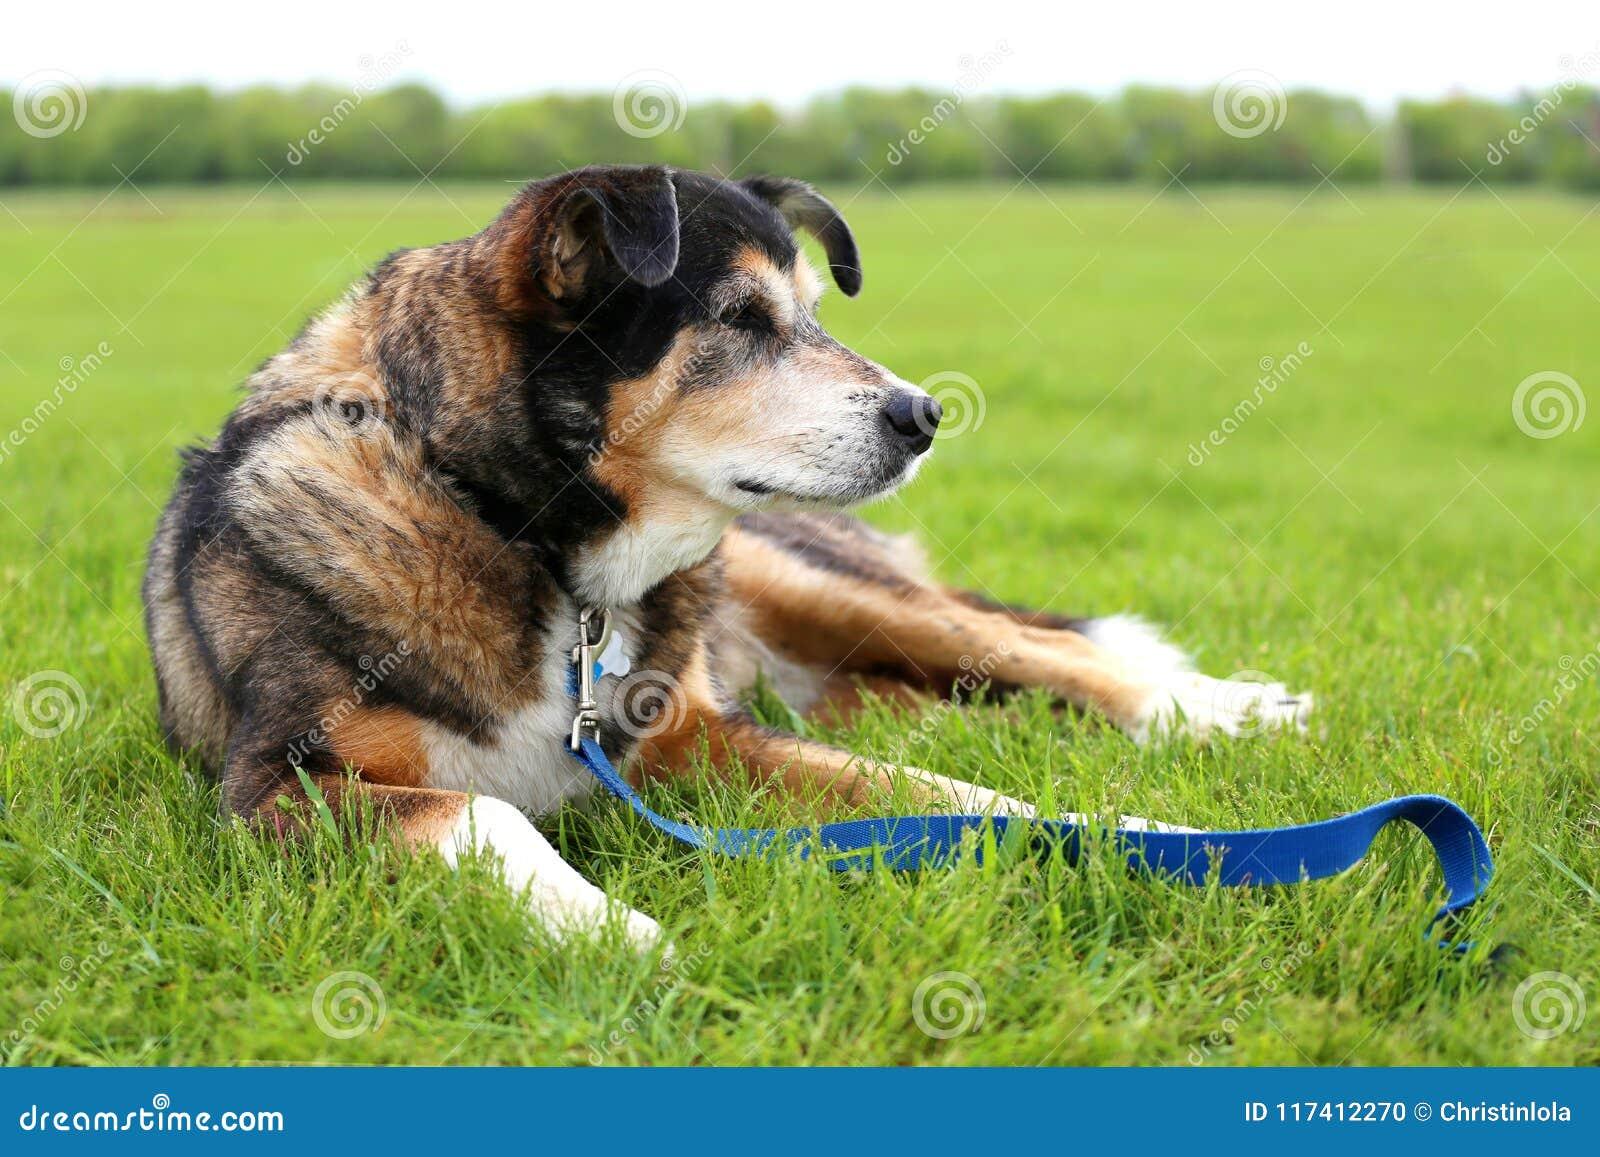 前辈变老了德国牧羊犬博德牧羊犬混合品种抢救狗L